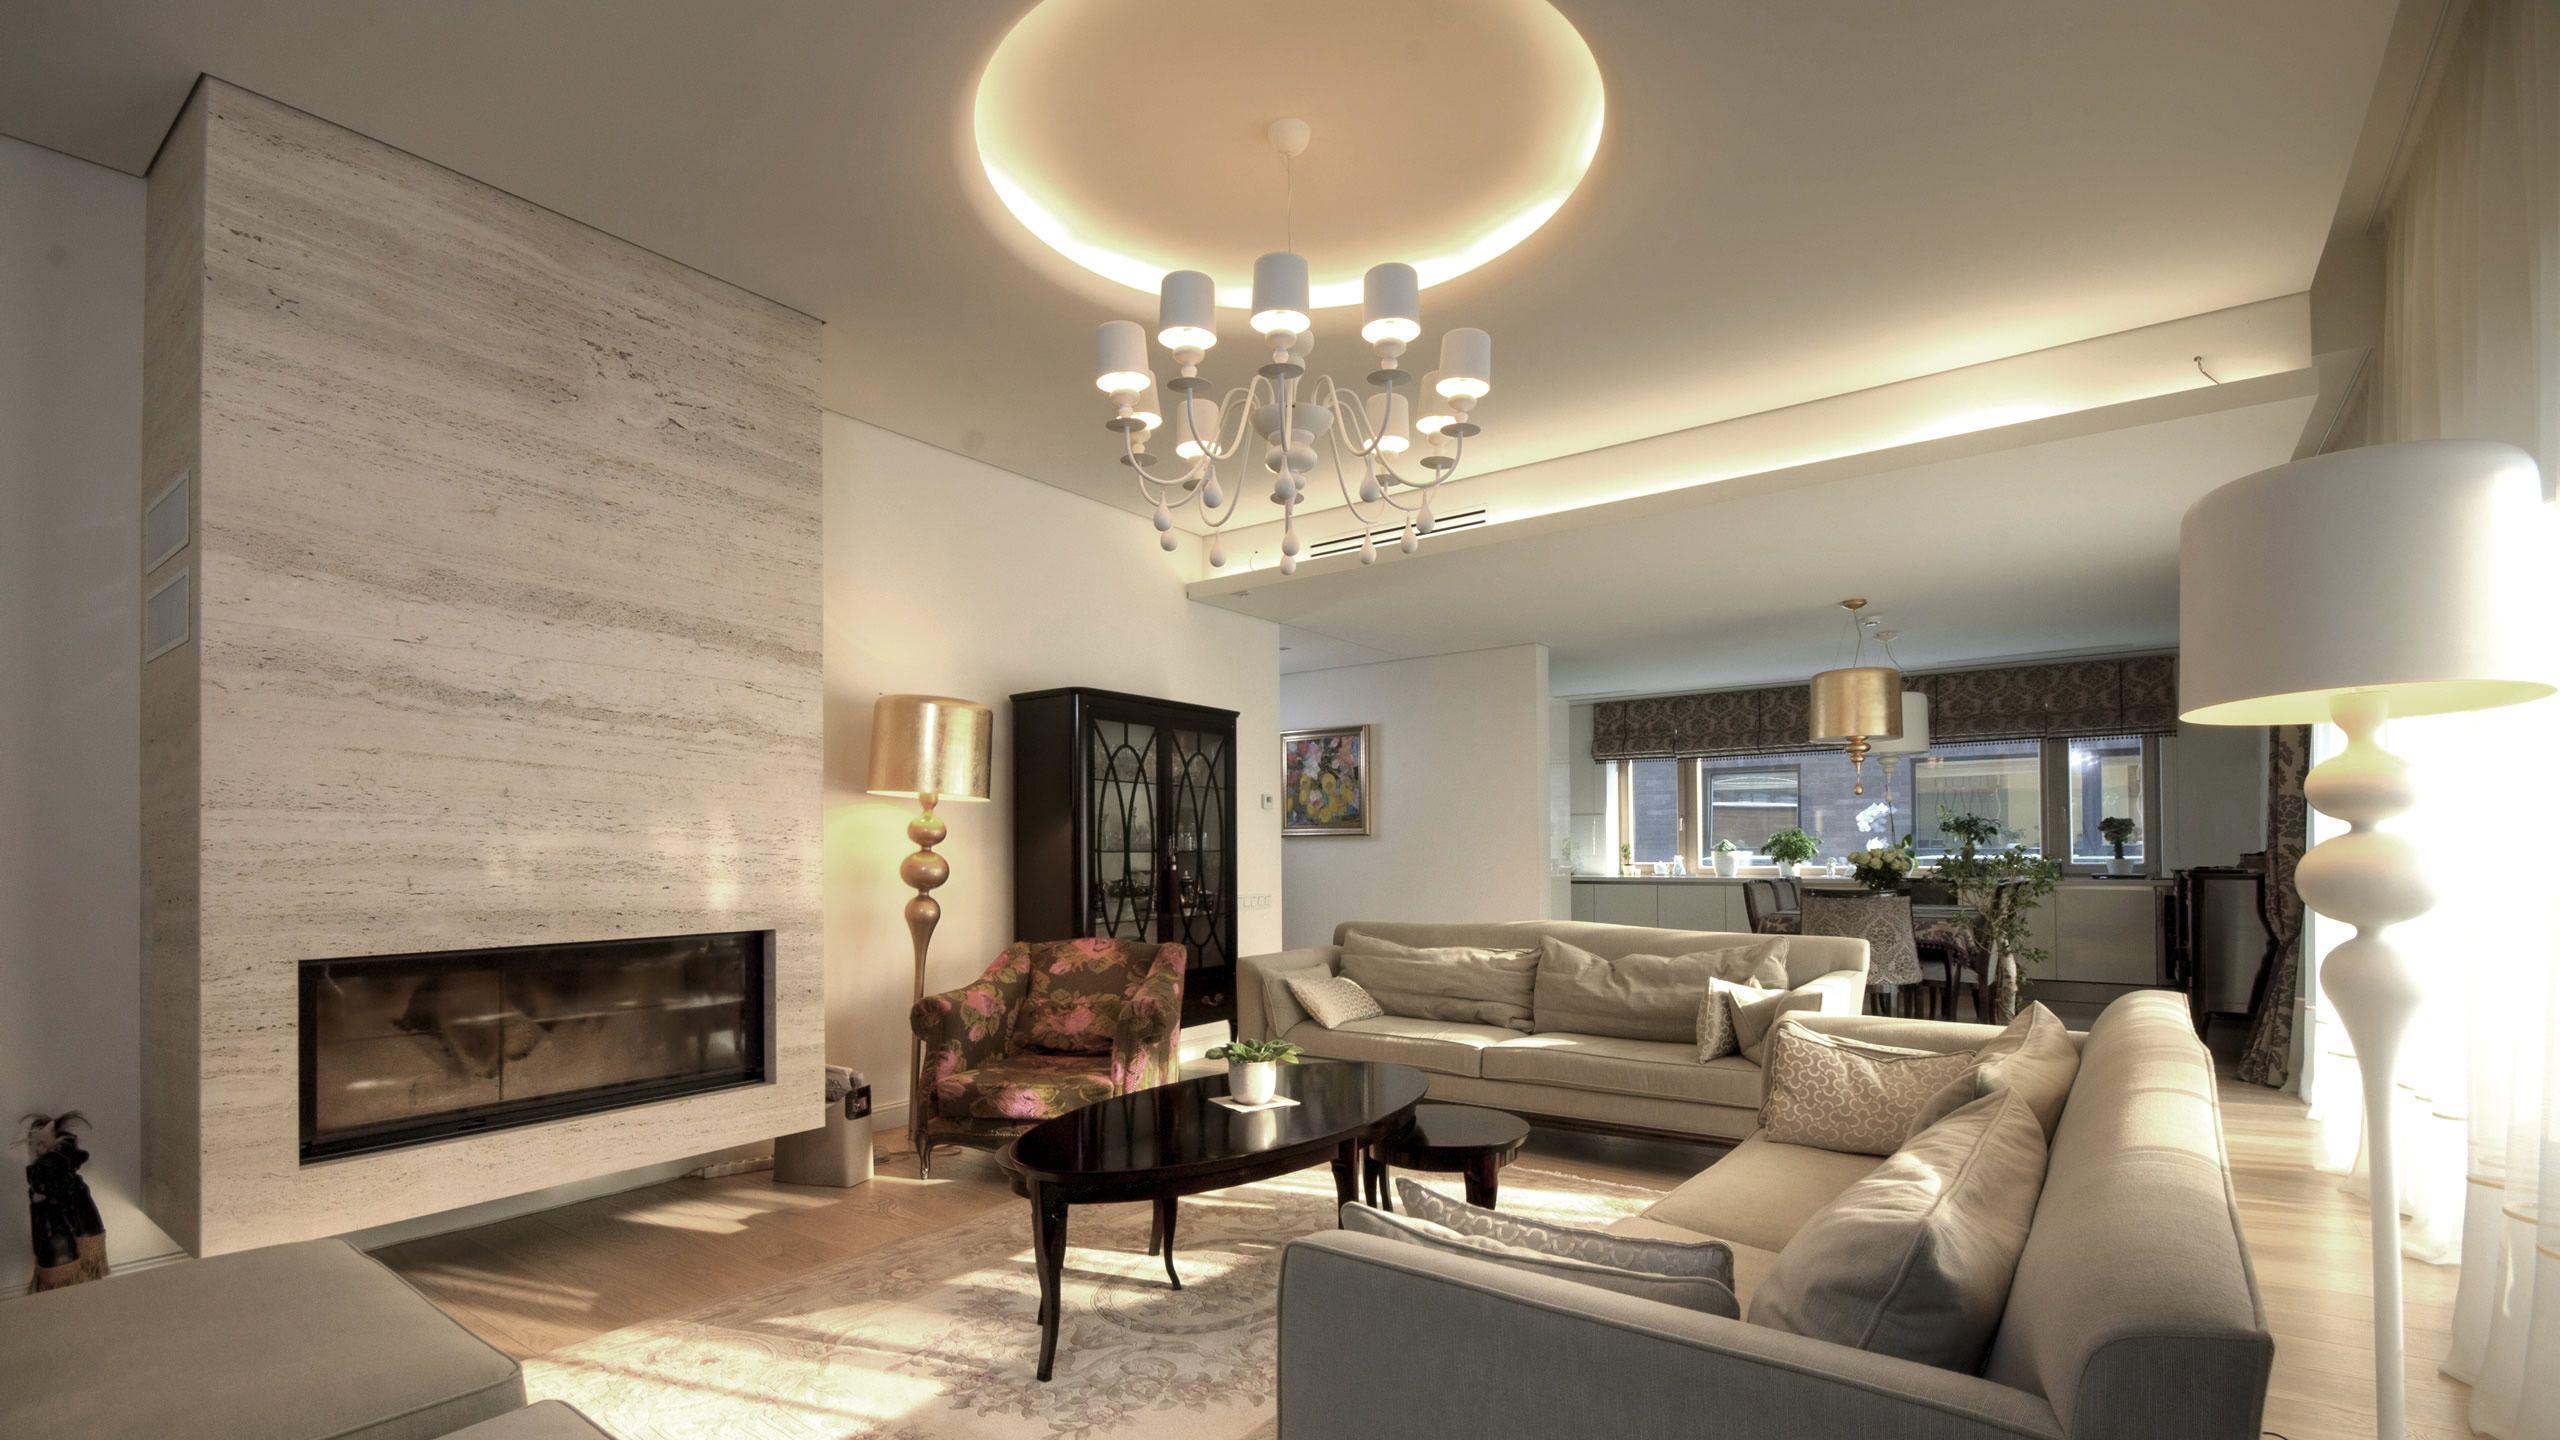 Innenarchitektur für wohnzimmer für kleines haus interior design ideas uk  großes esszimmer einrichten  pinterest